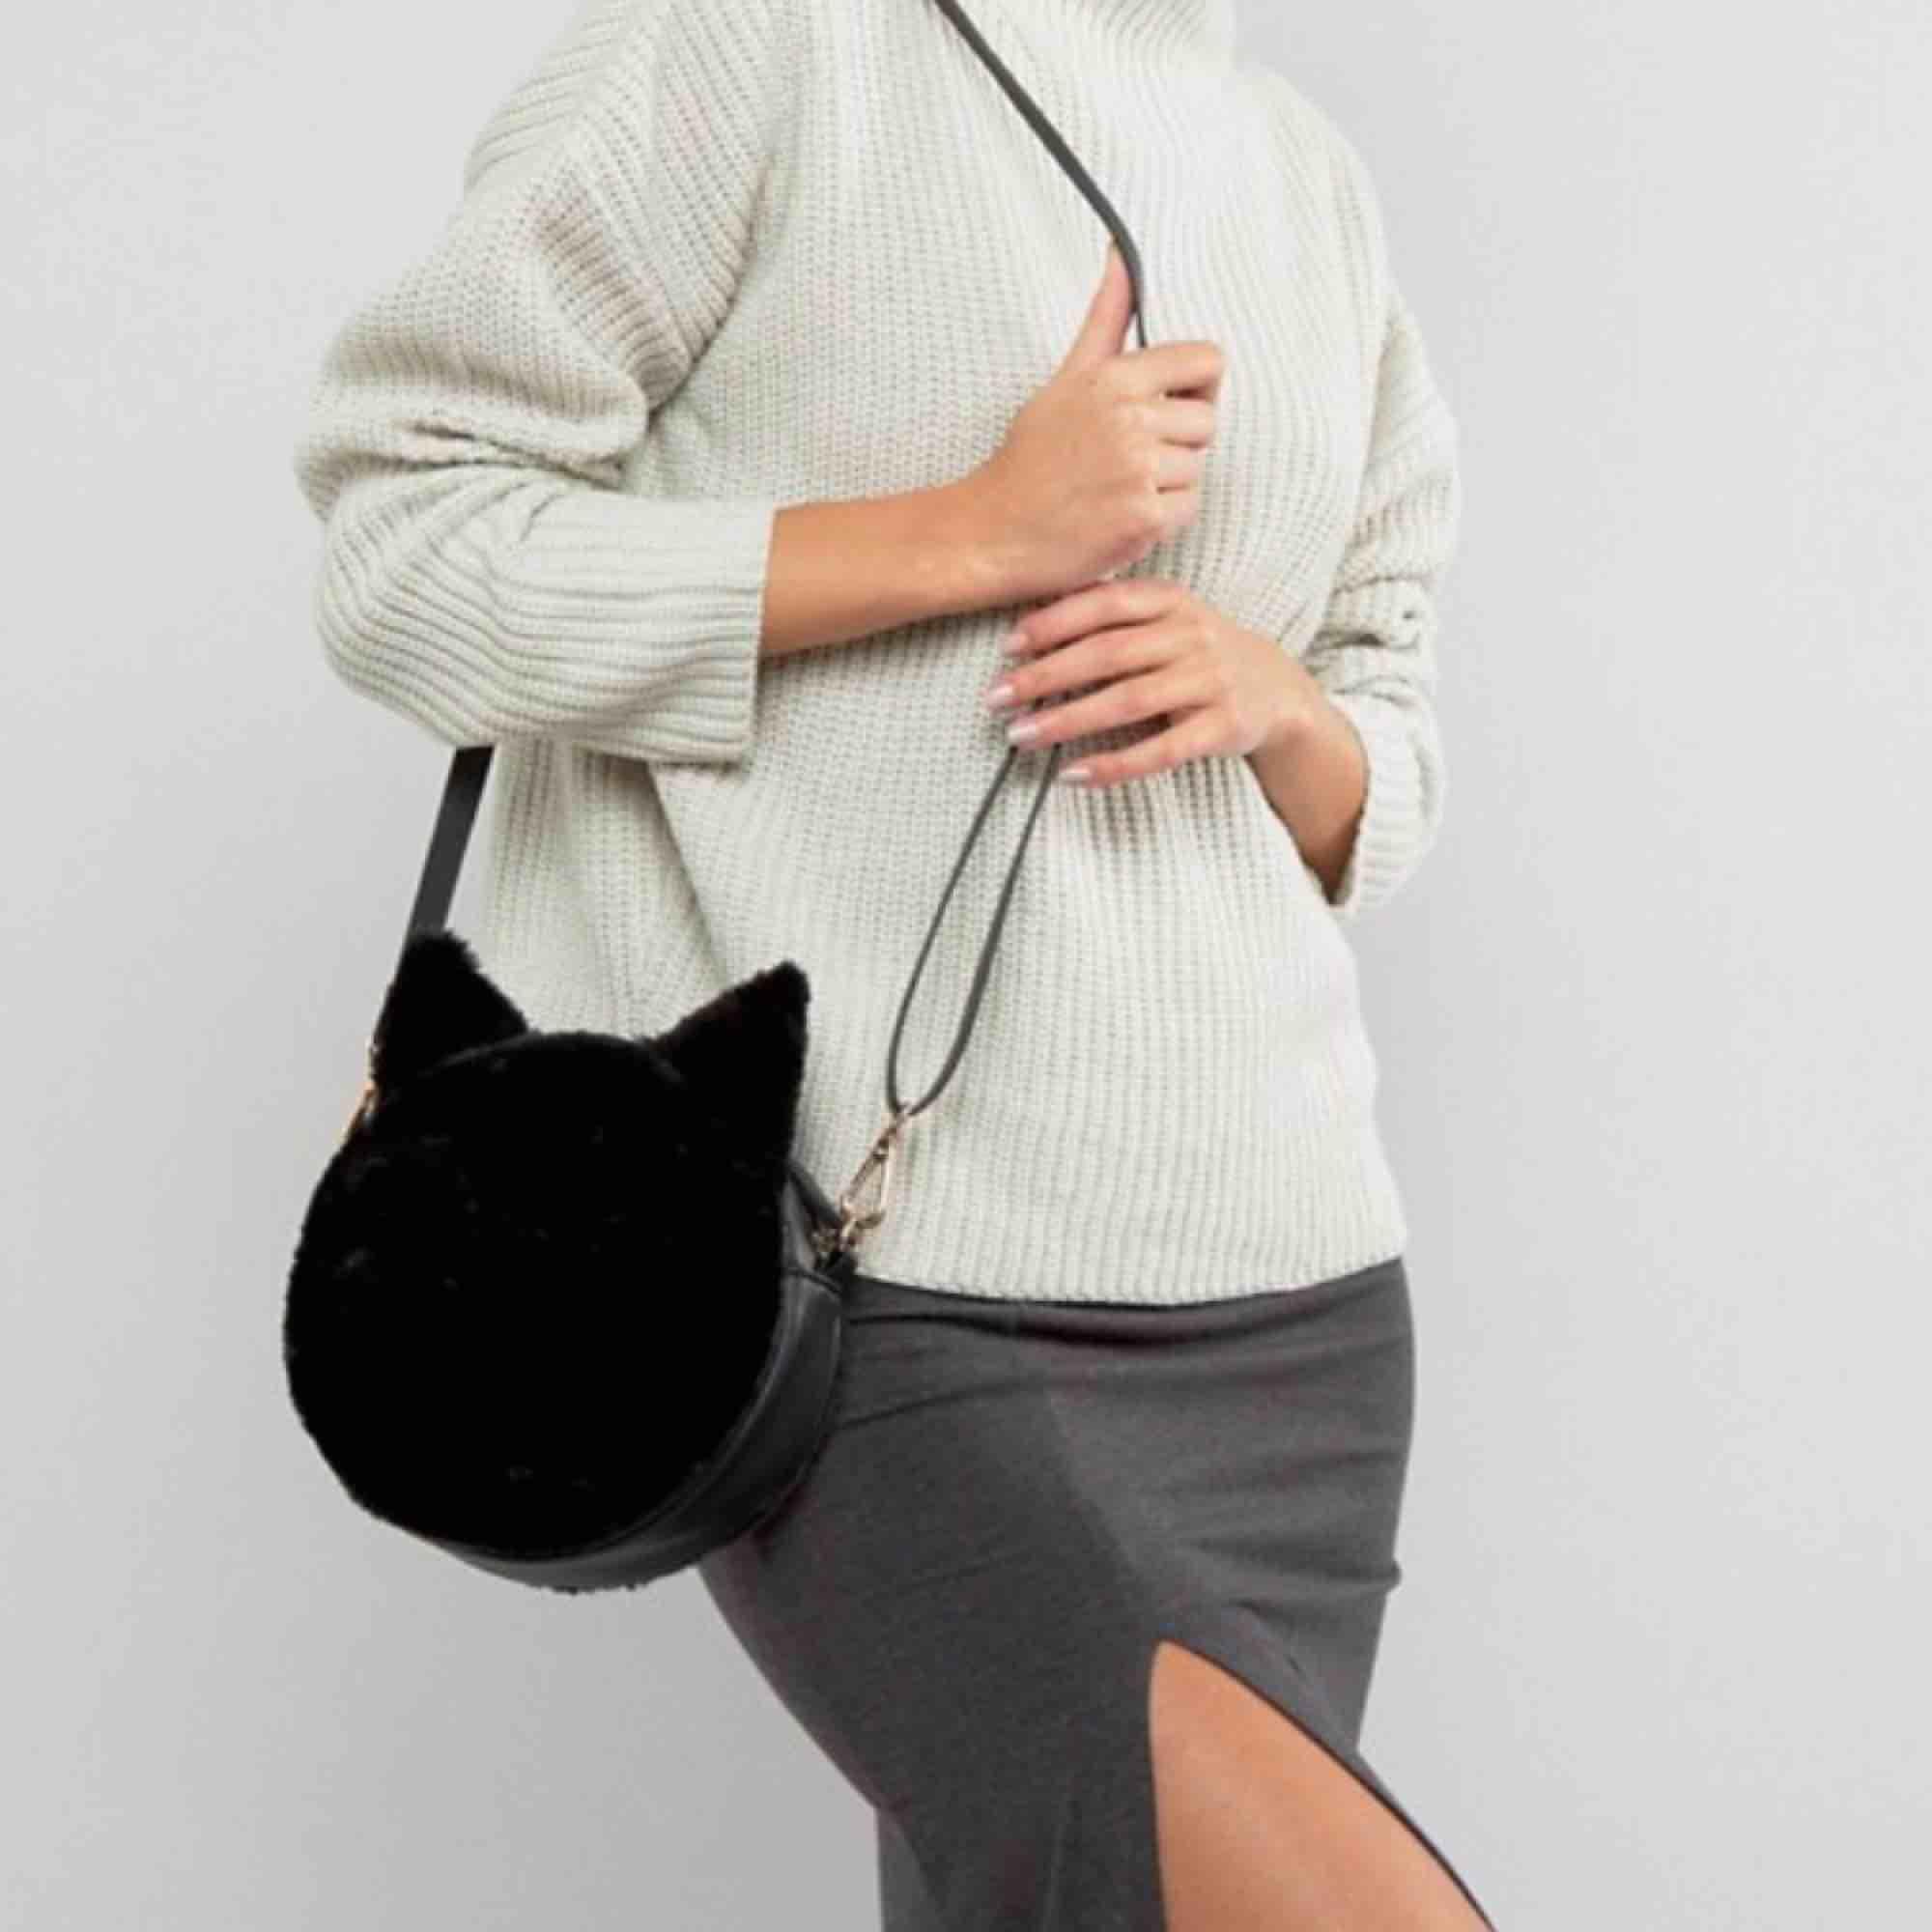 Sötaste fluffväskan med kattmotiv 🖤 59:- frakt. Accessoarer.